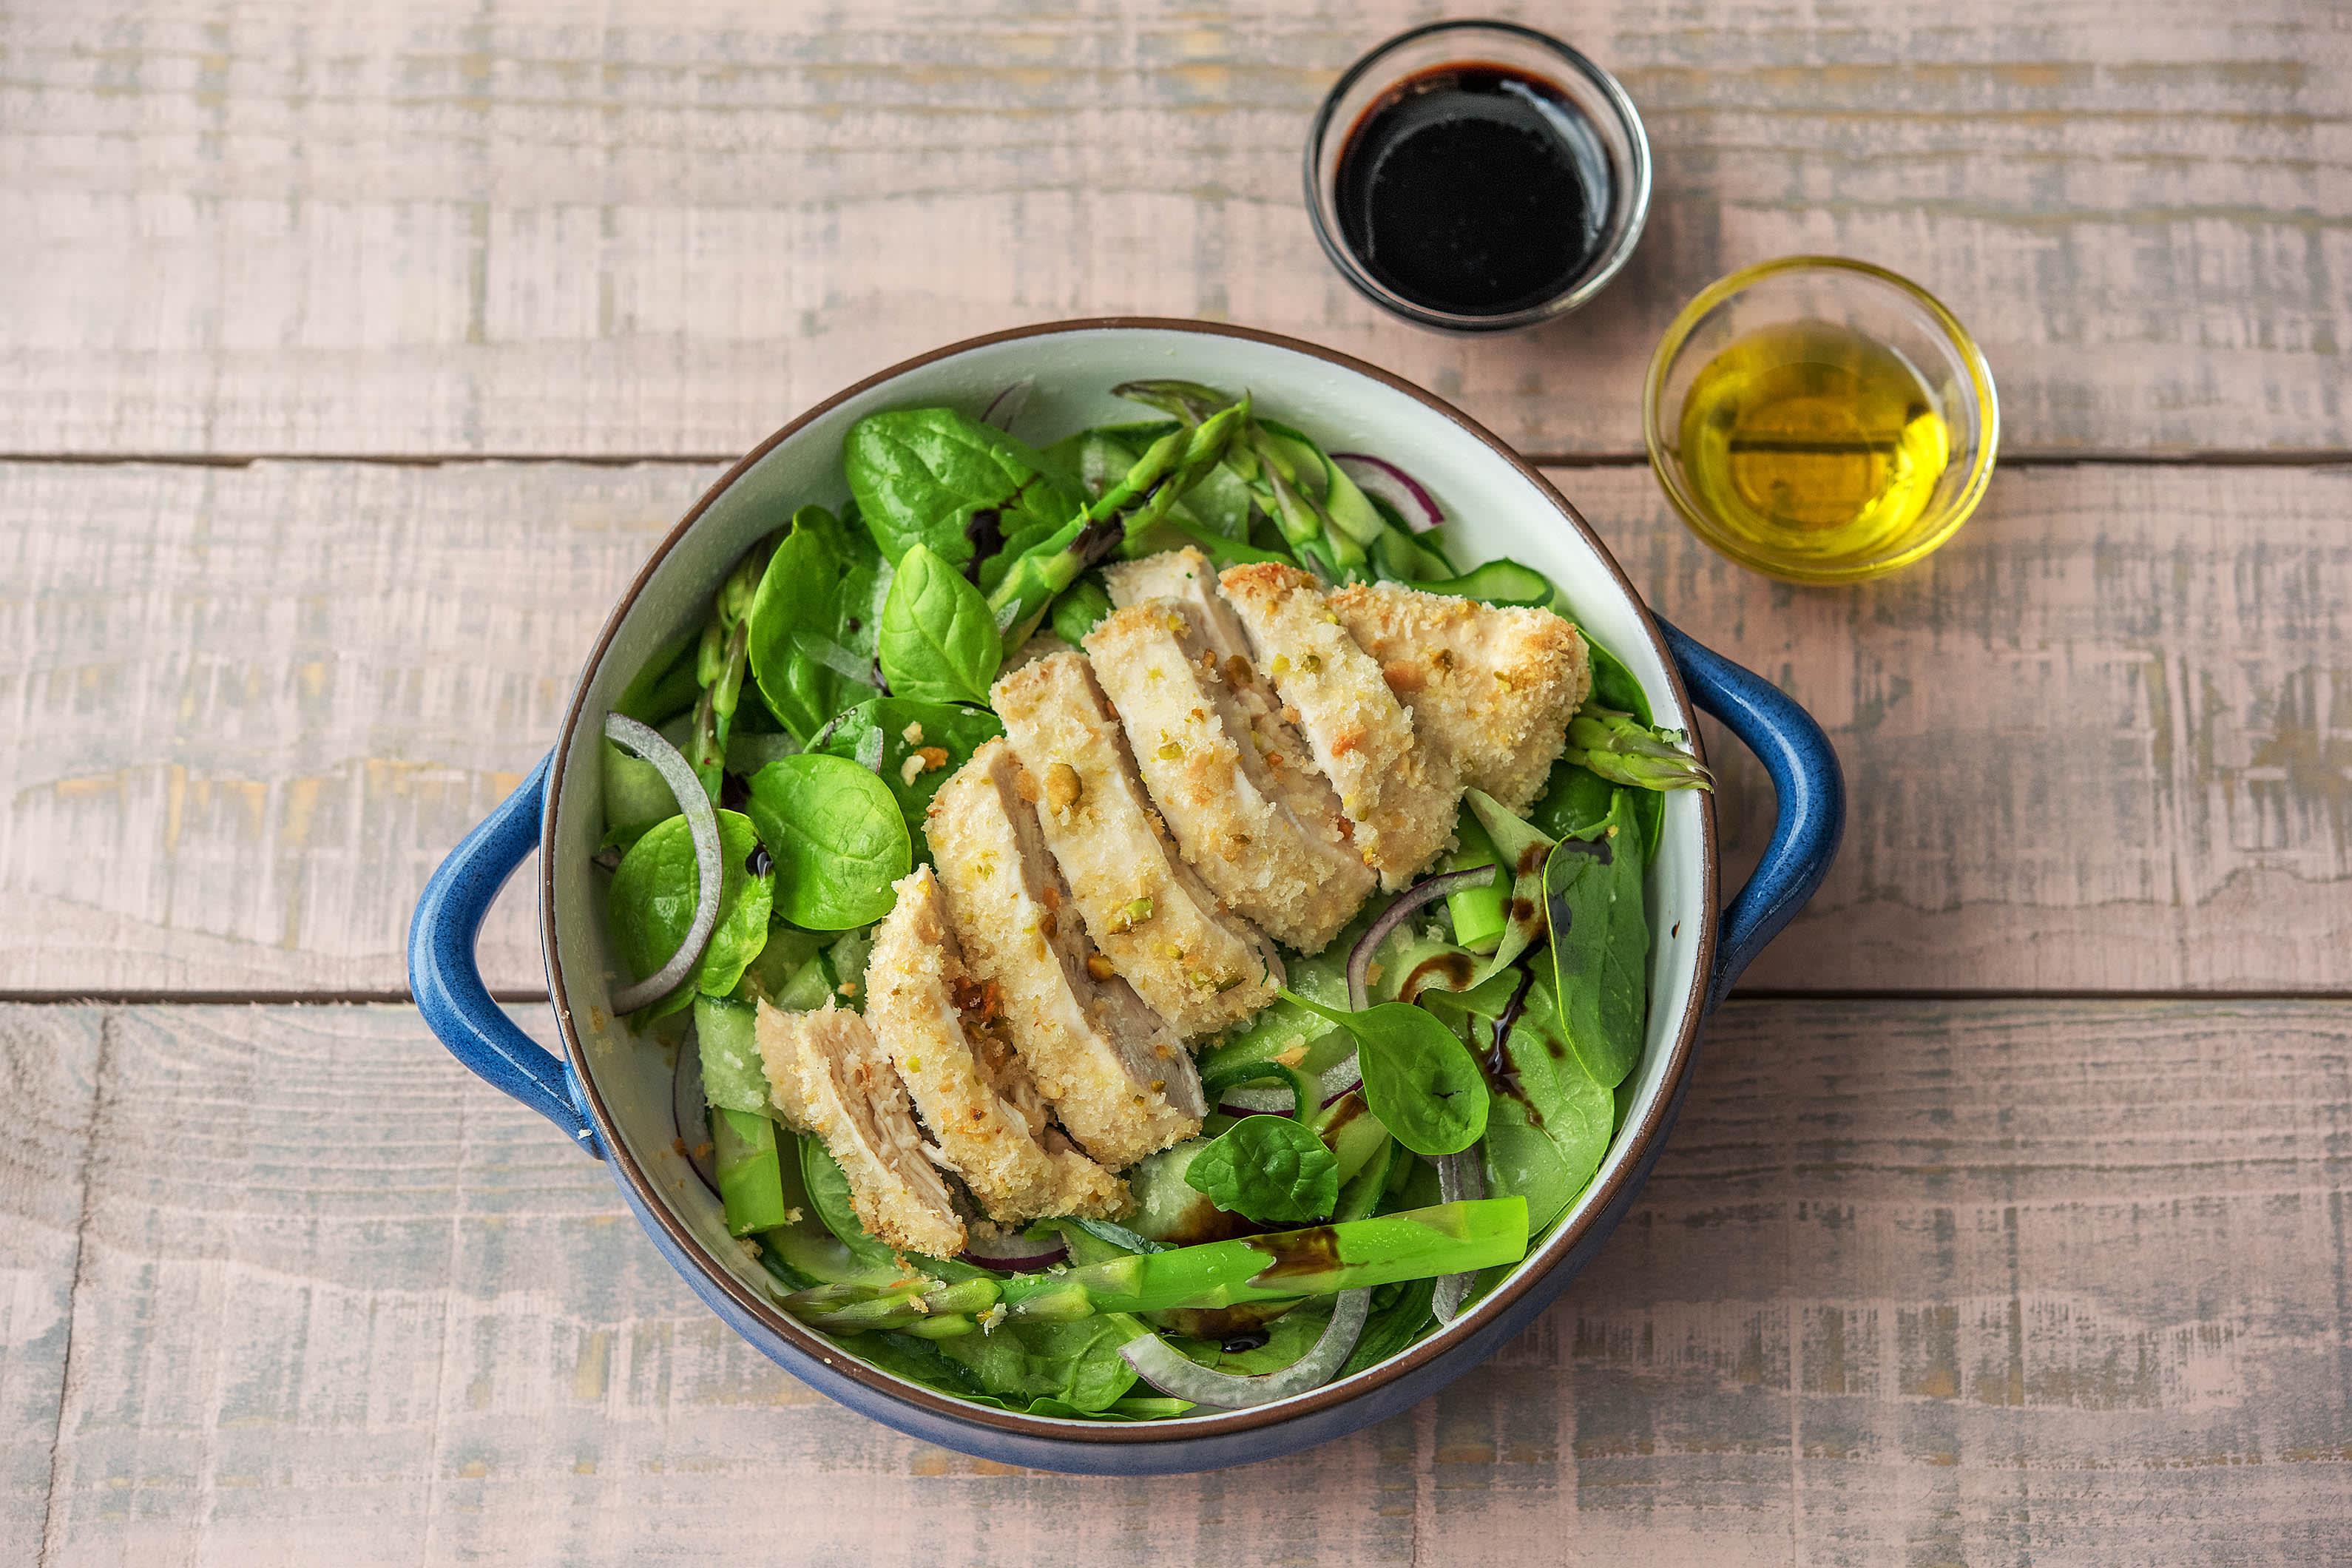 Pistachio Crumbed Chicken